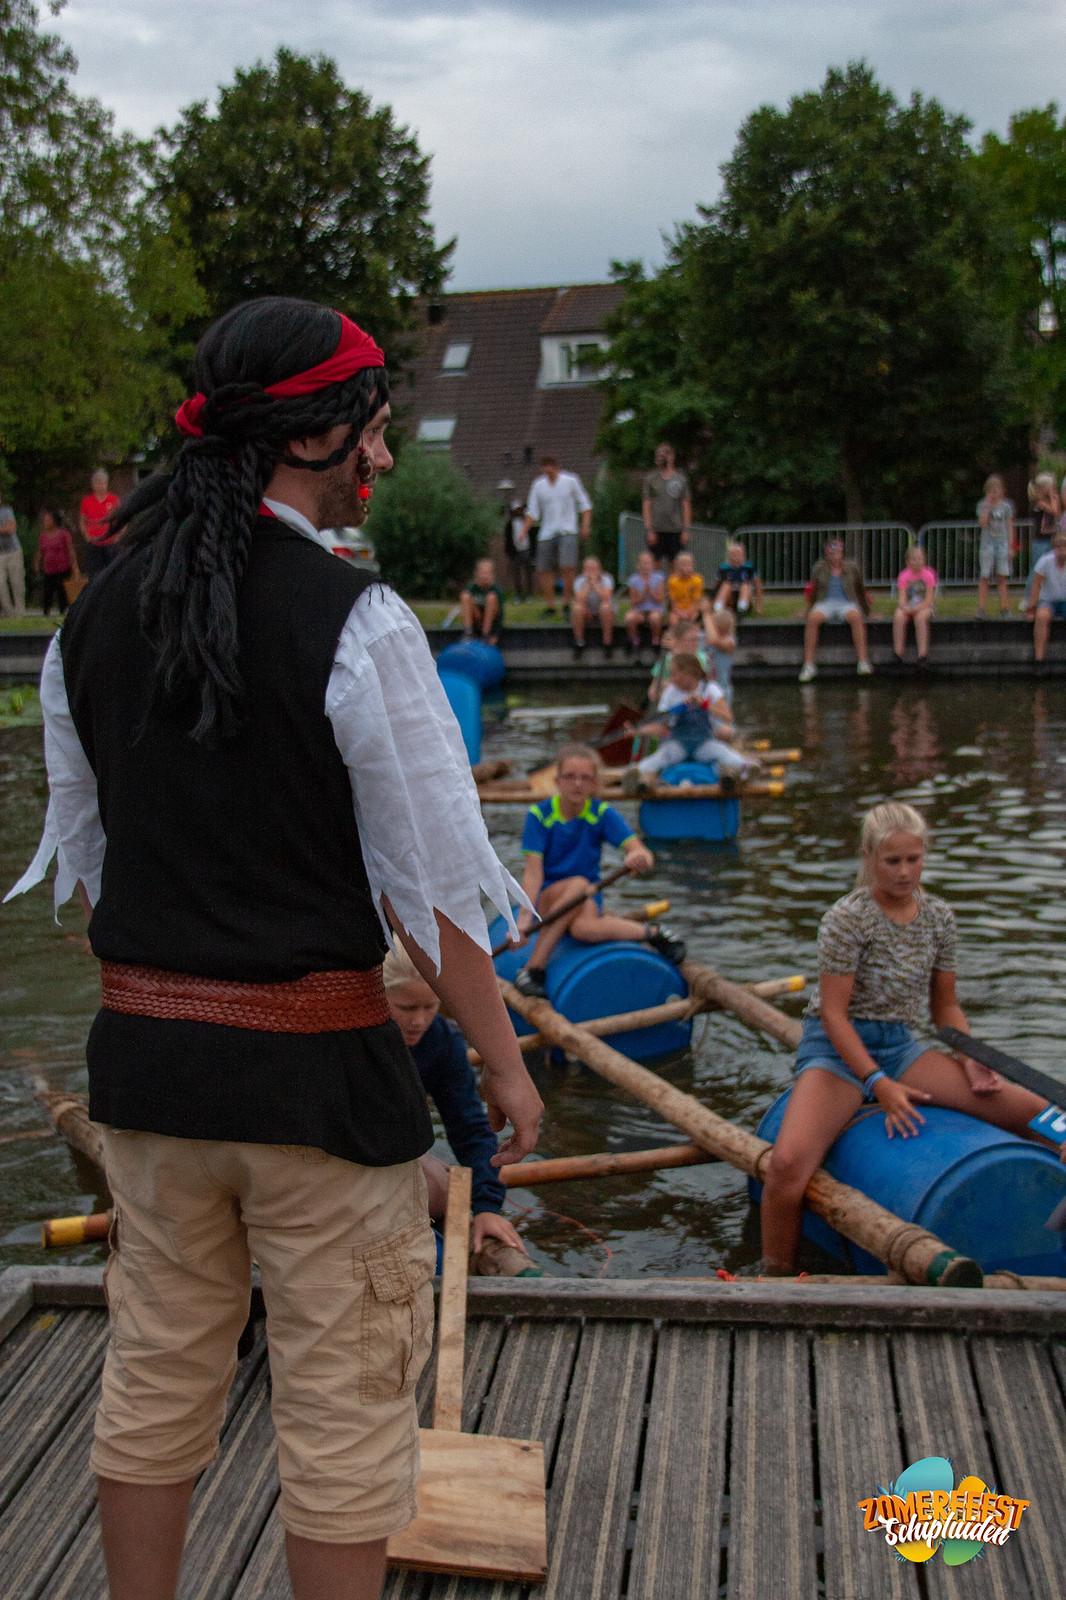 Piraten-van-de-vlaerdingse-vaart-57